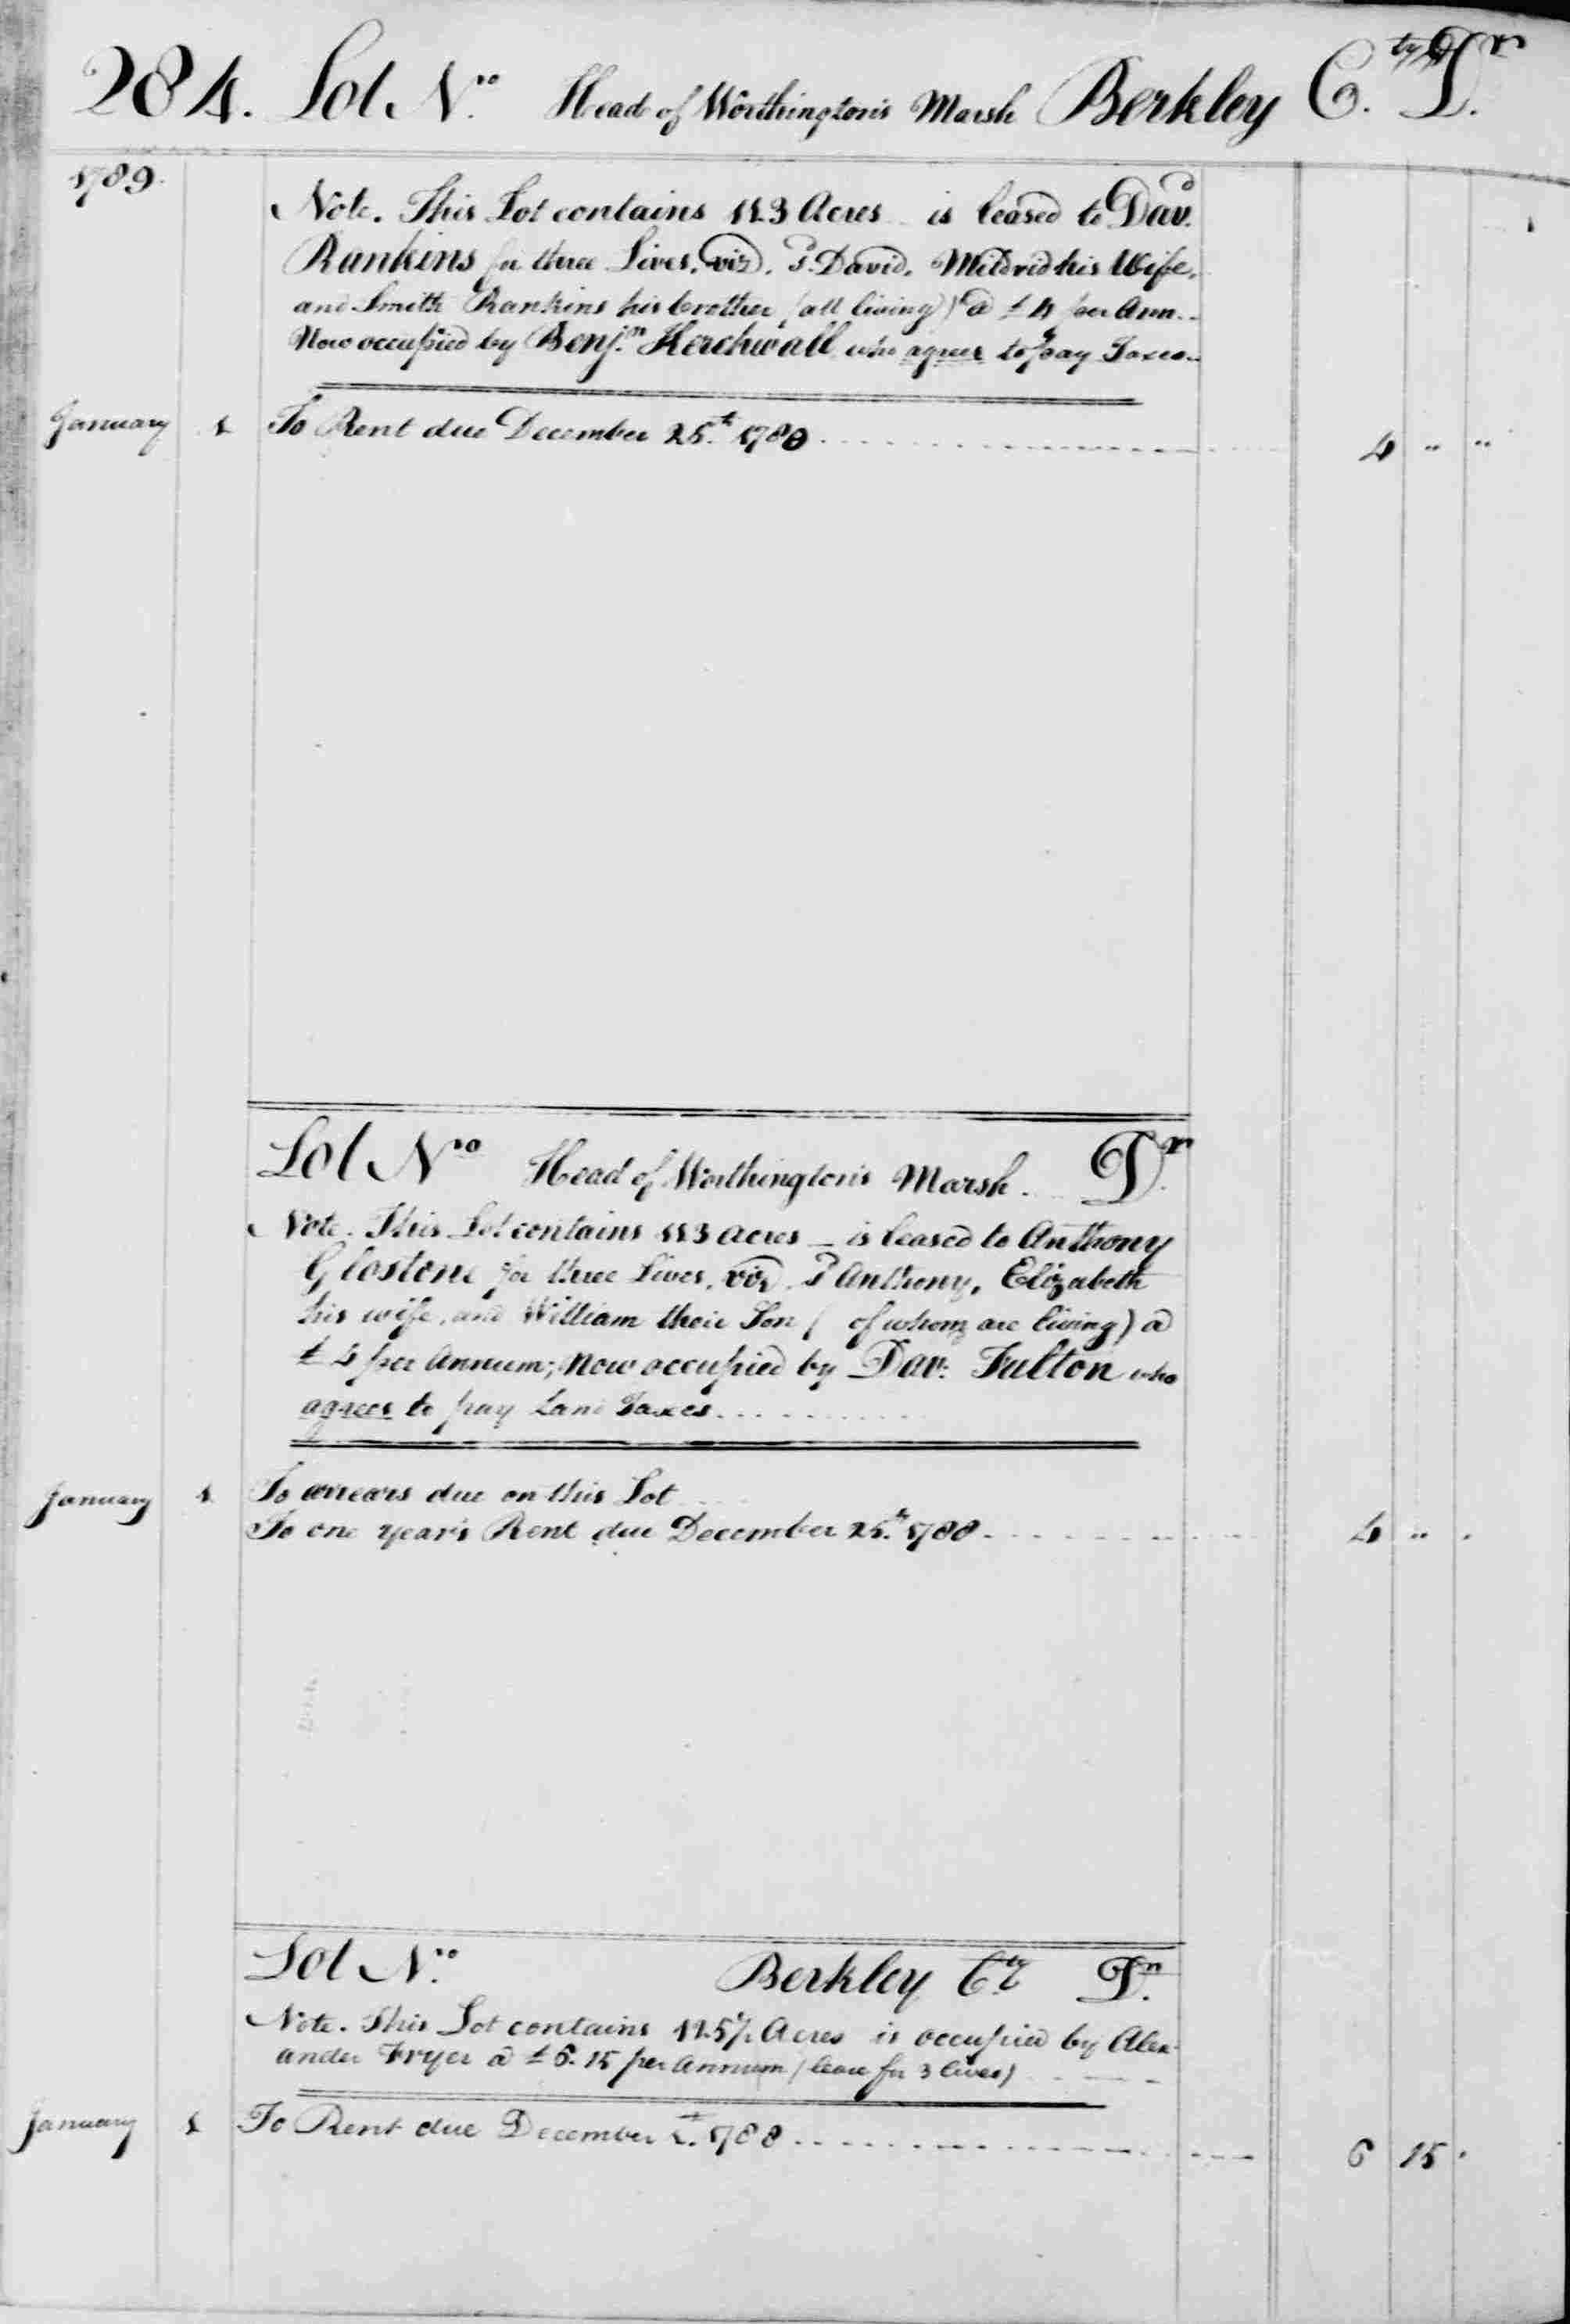 Ledger B, folio 284, left side